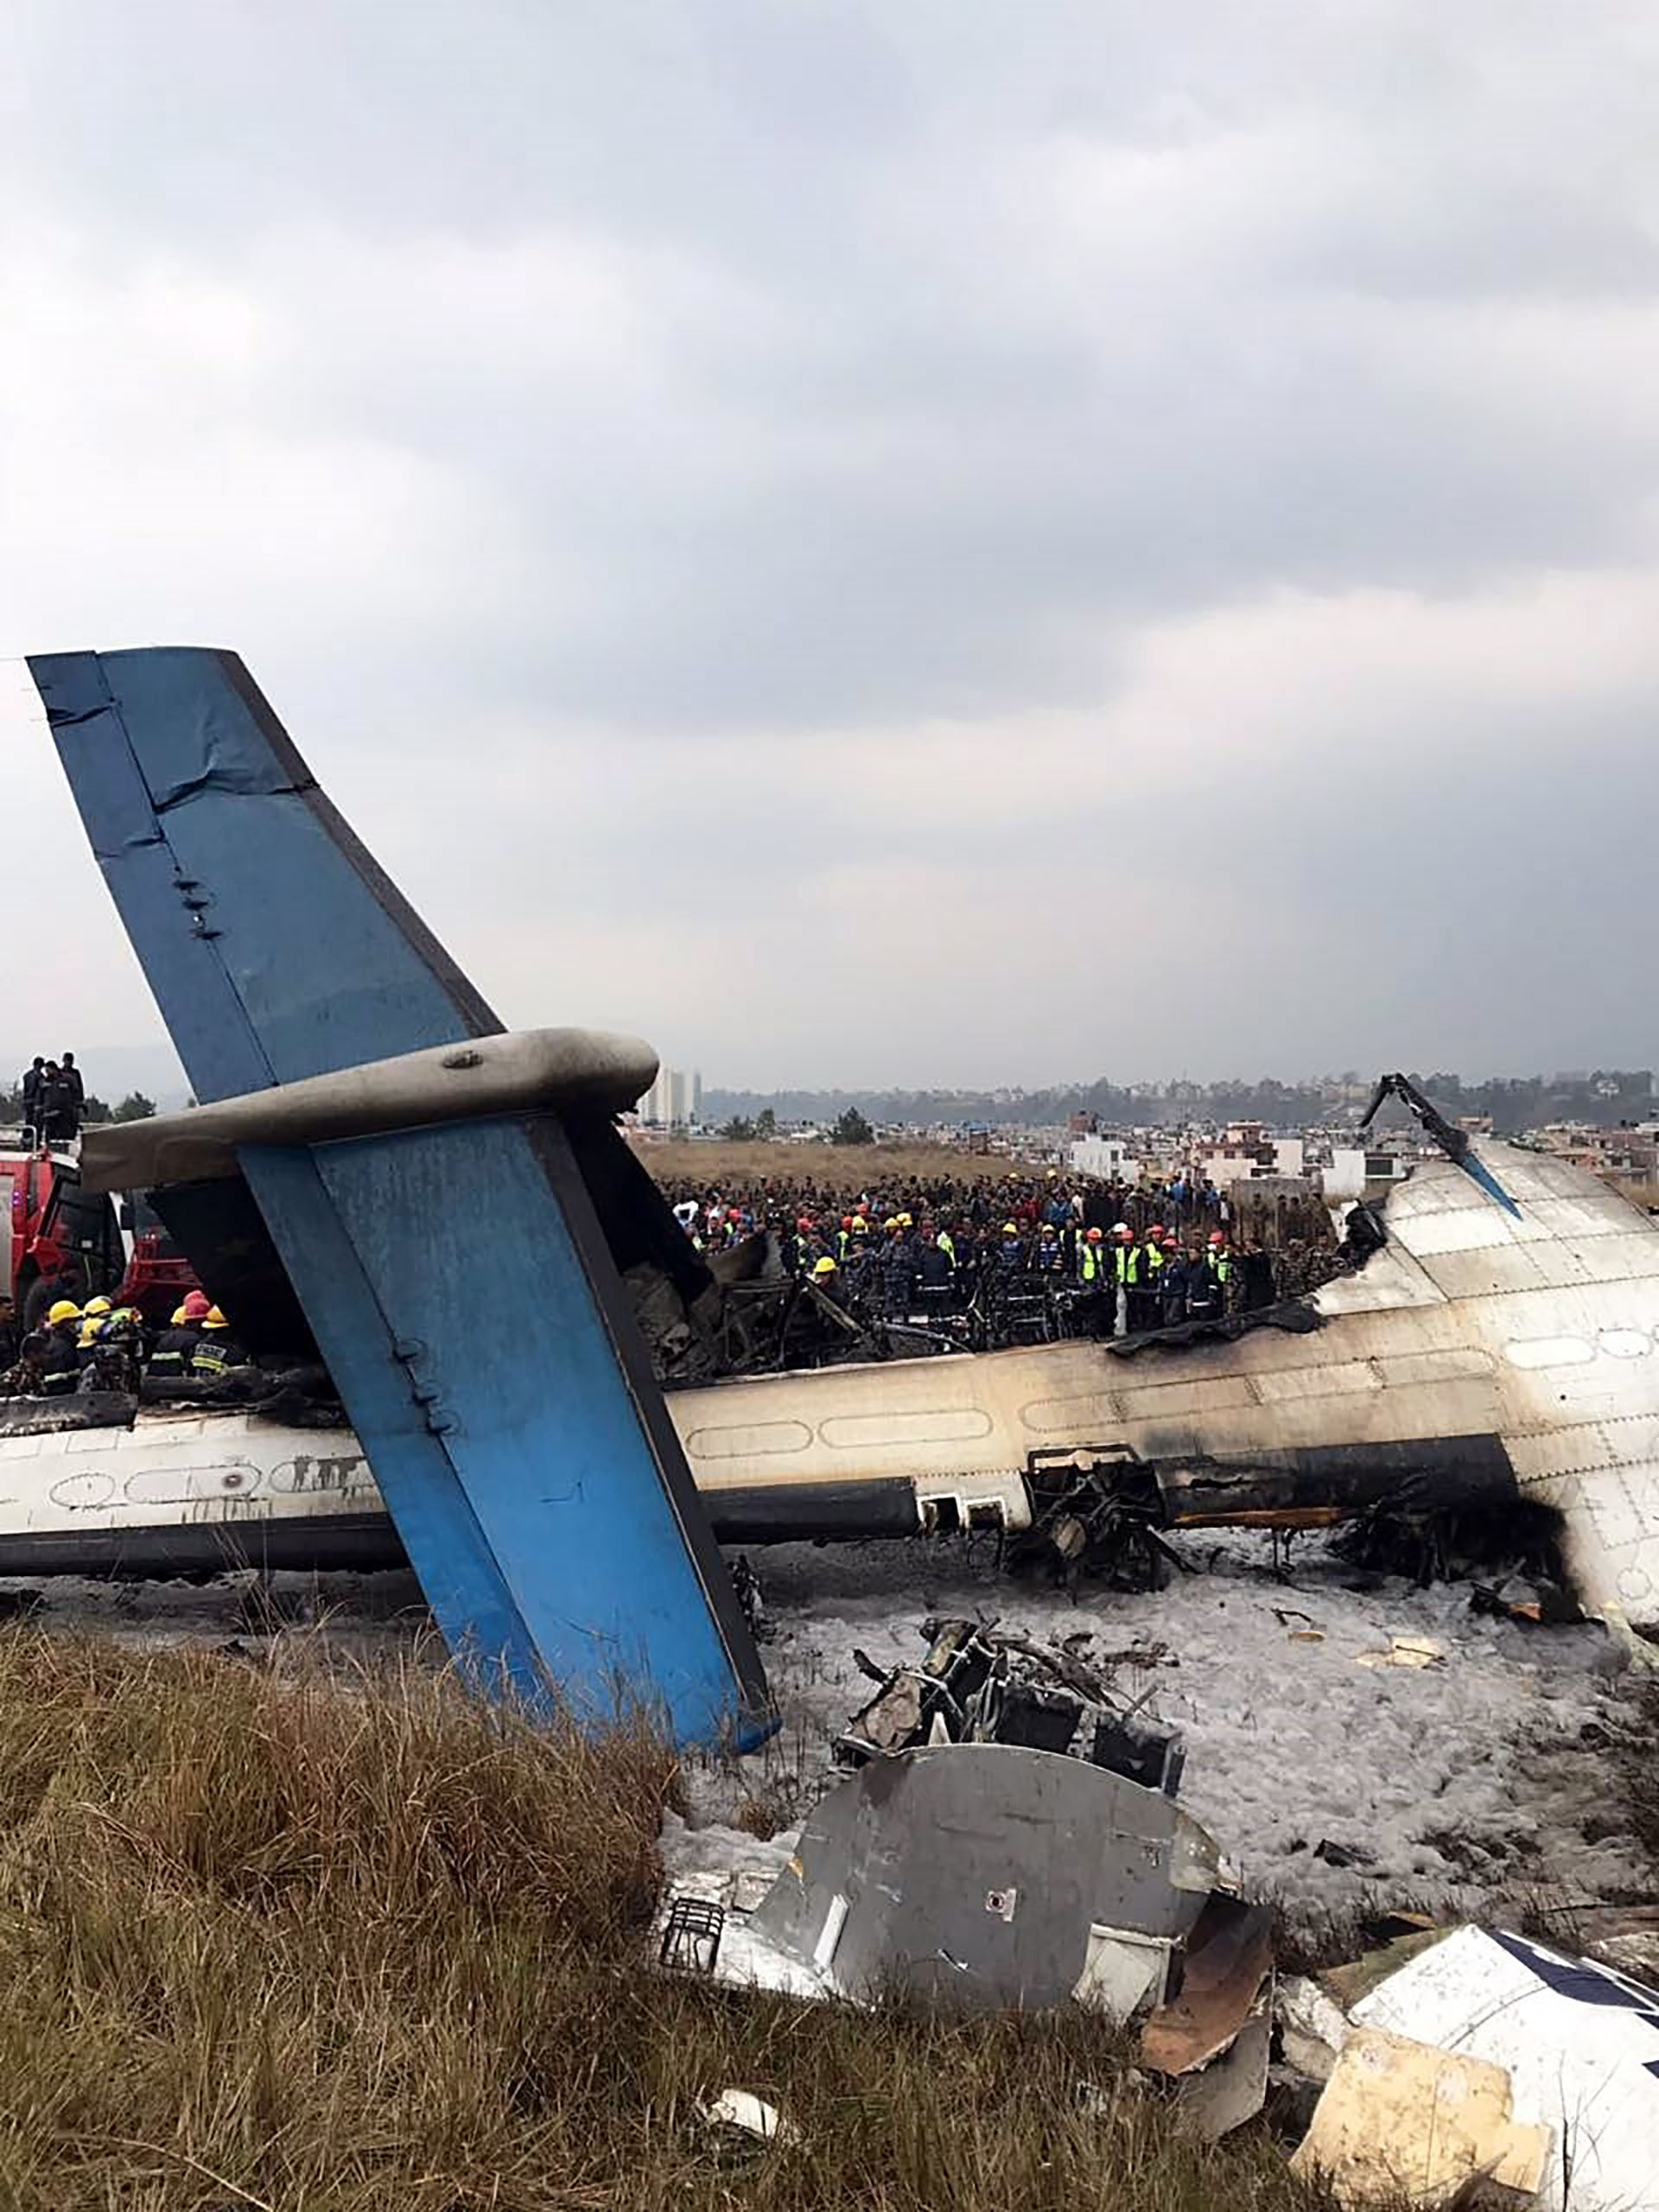 Rescatistas trabajan removiendo los restos del avión